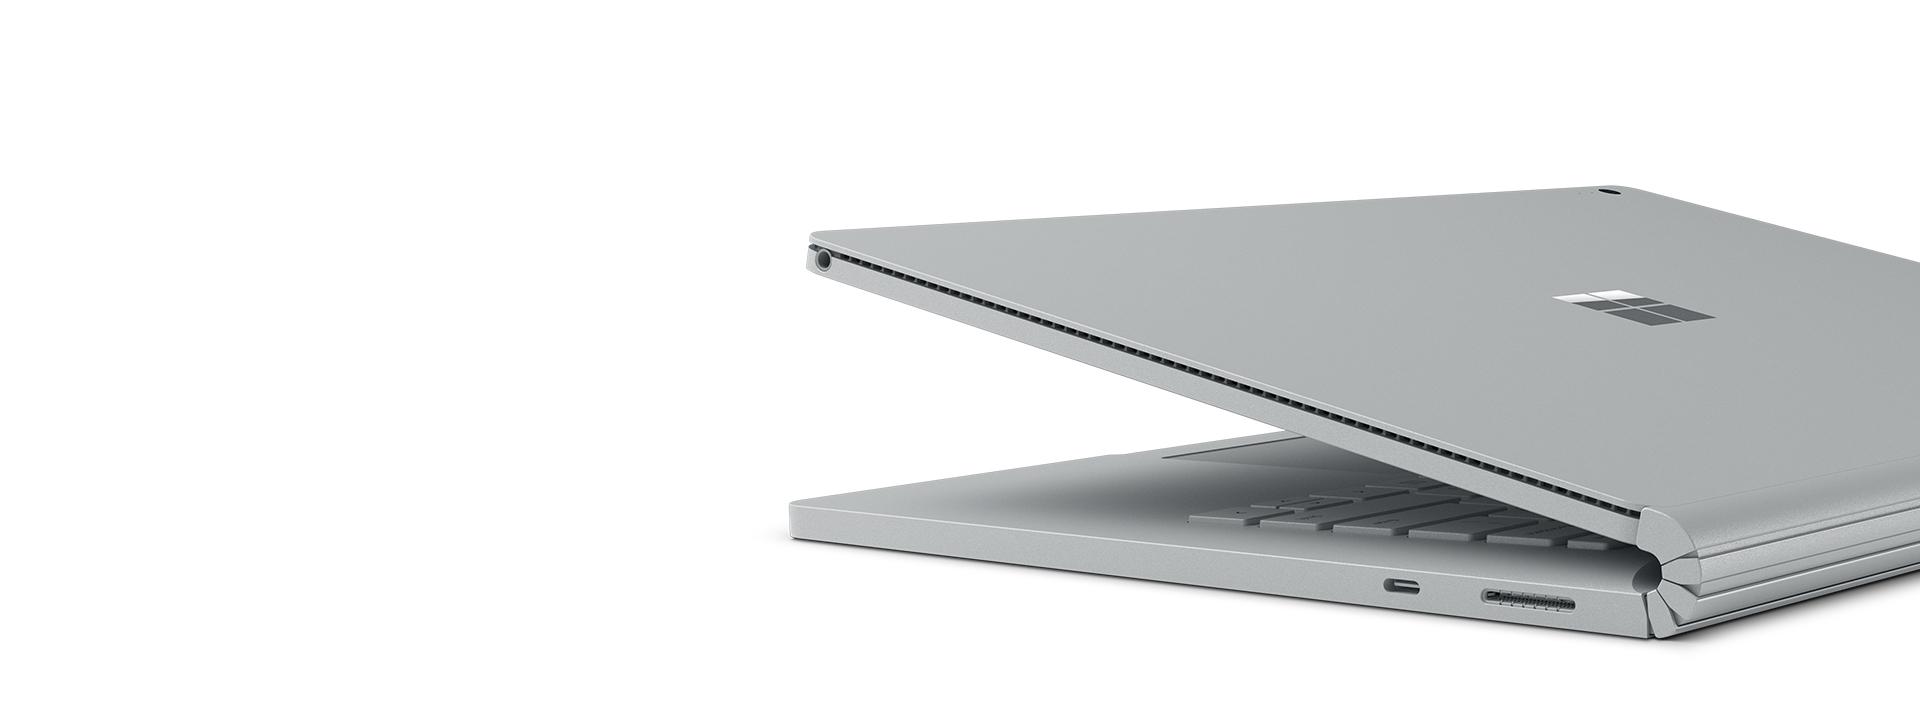 Surface Book 2 med visning av USB-C-port